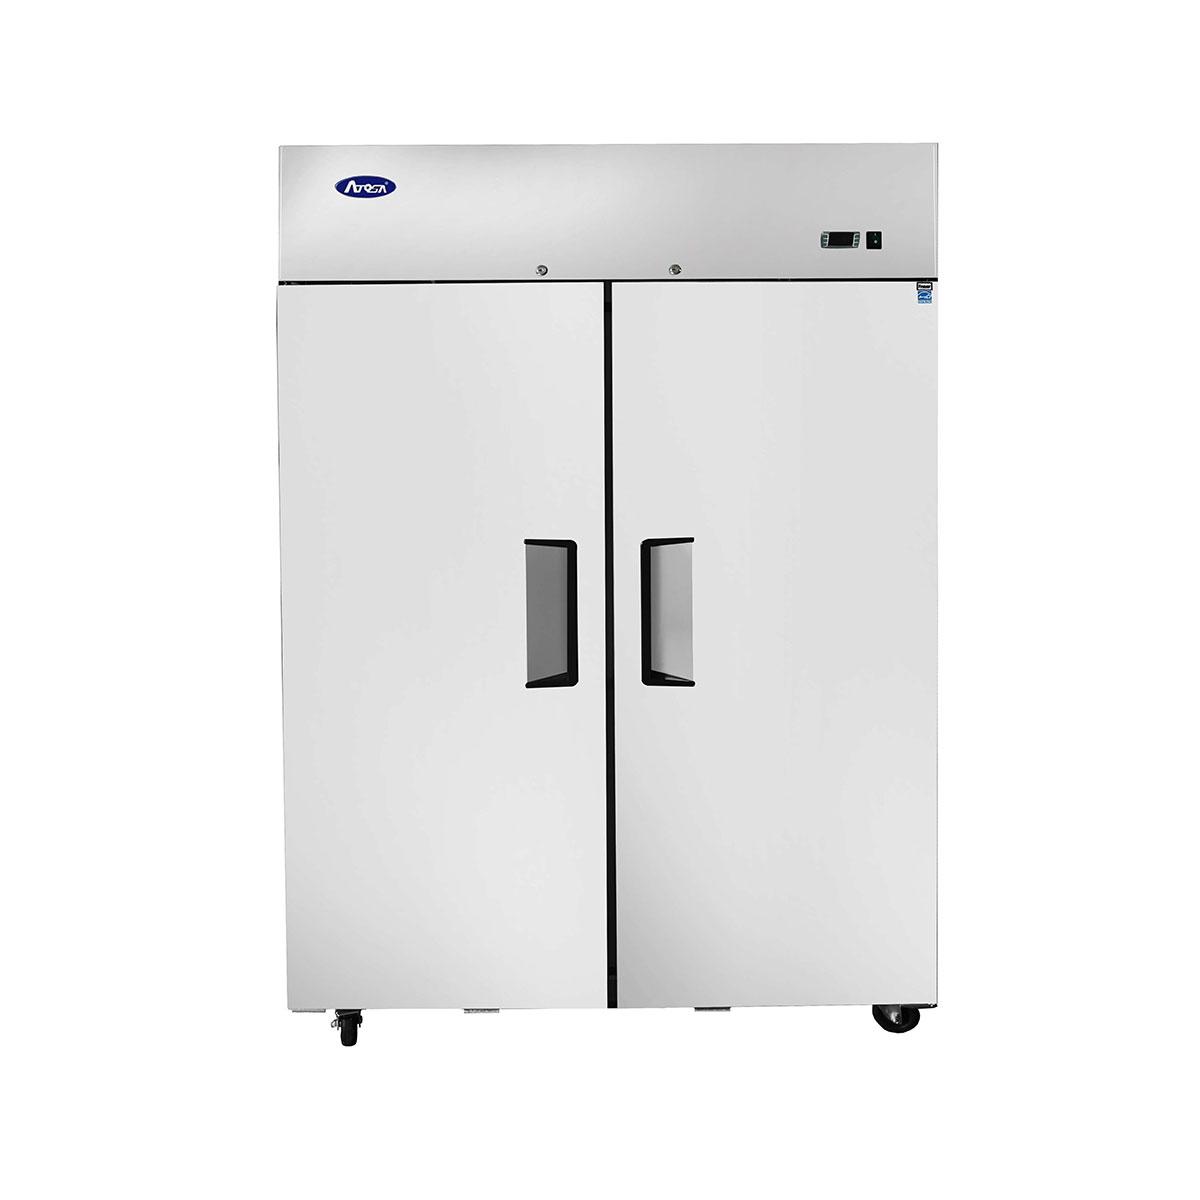 Top Mount Refrigrators